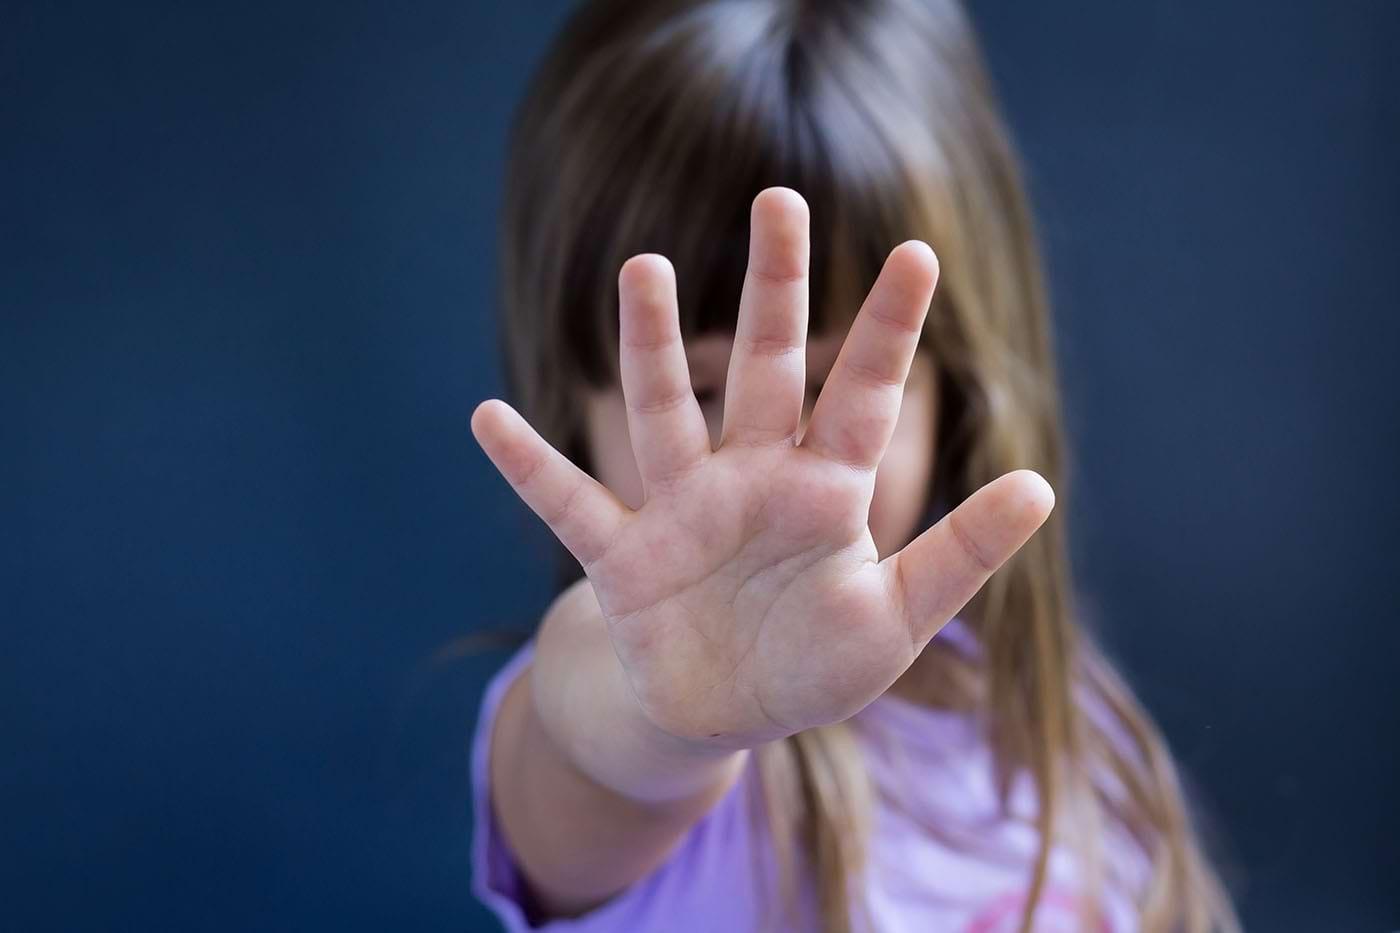 19 Noiembrie - Ziua Mondială de Luptă pentru Prevenția Abuzului și Violenței asupra Copiilor